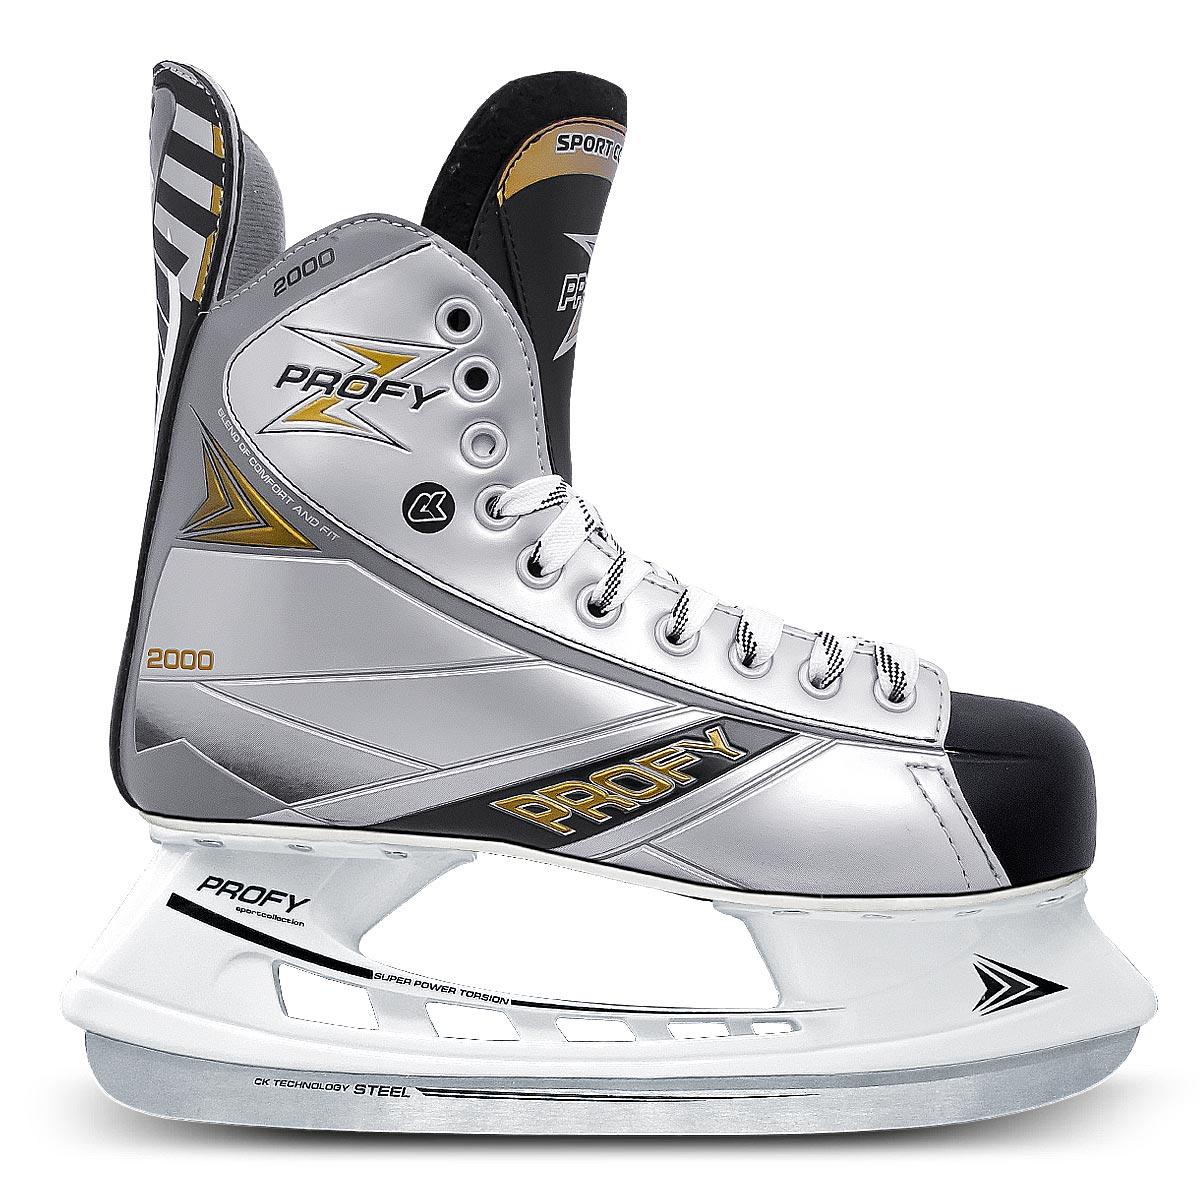 Коньки хоккейные мужские СК Profy Z 2000, цвет: черный, серый. Размер 43